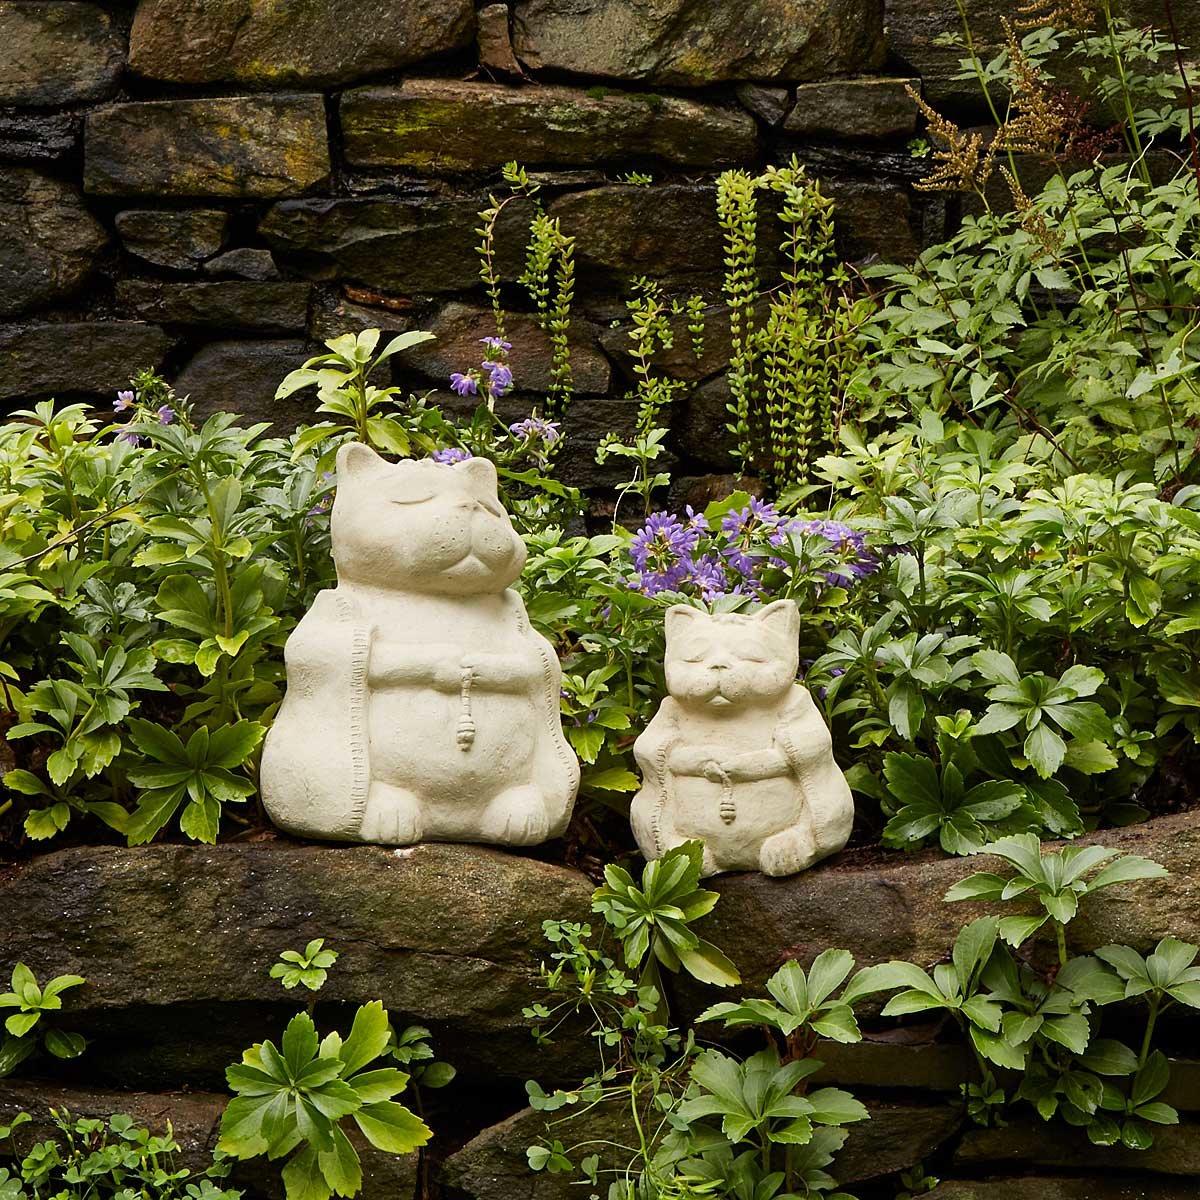 Zen Garden, Praying Sculpture